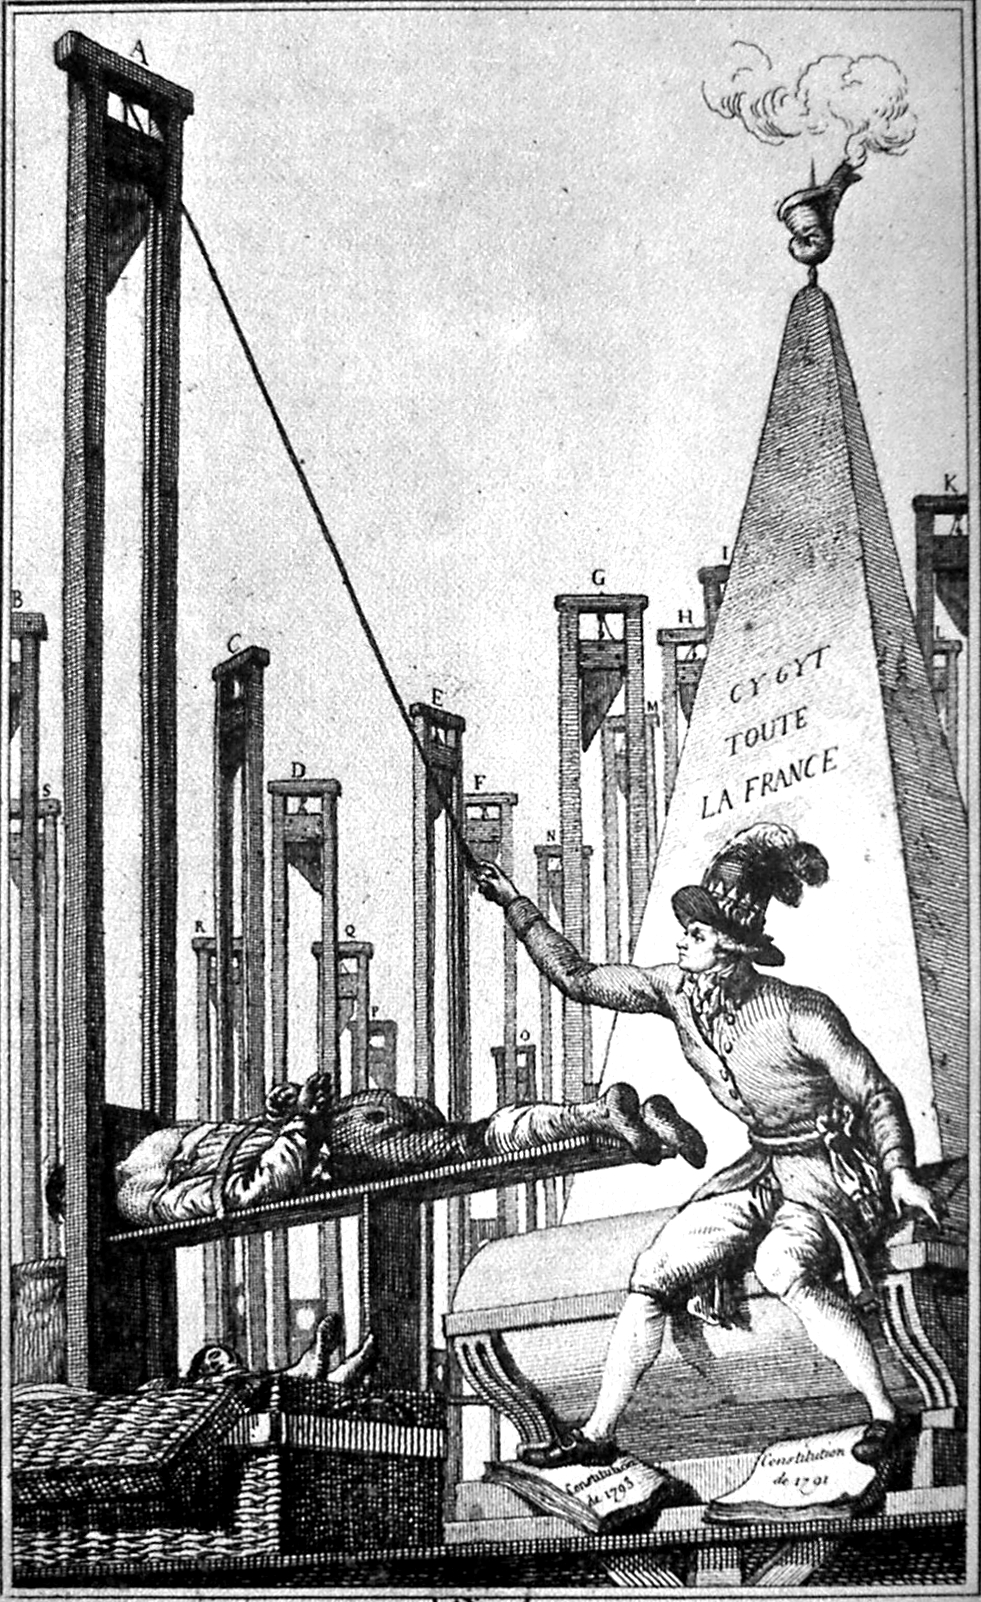 Robespierre decapita il boia non avendo più altri da decapitare, caricatura del XVIII secolo.